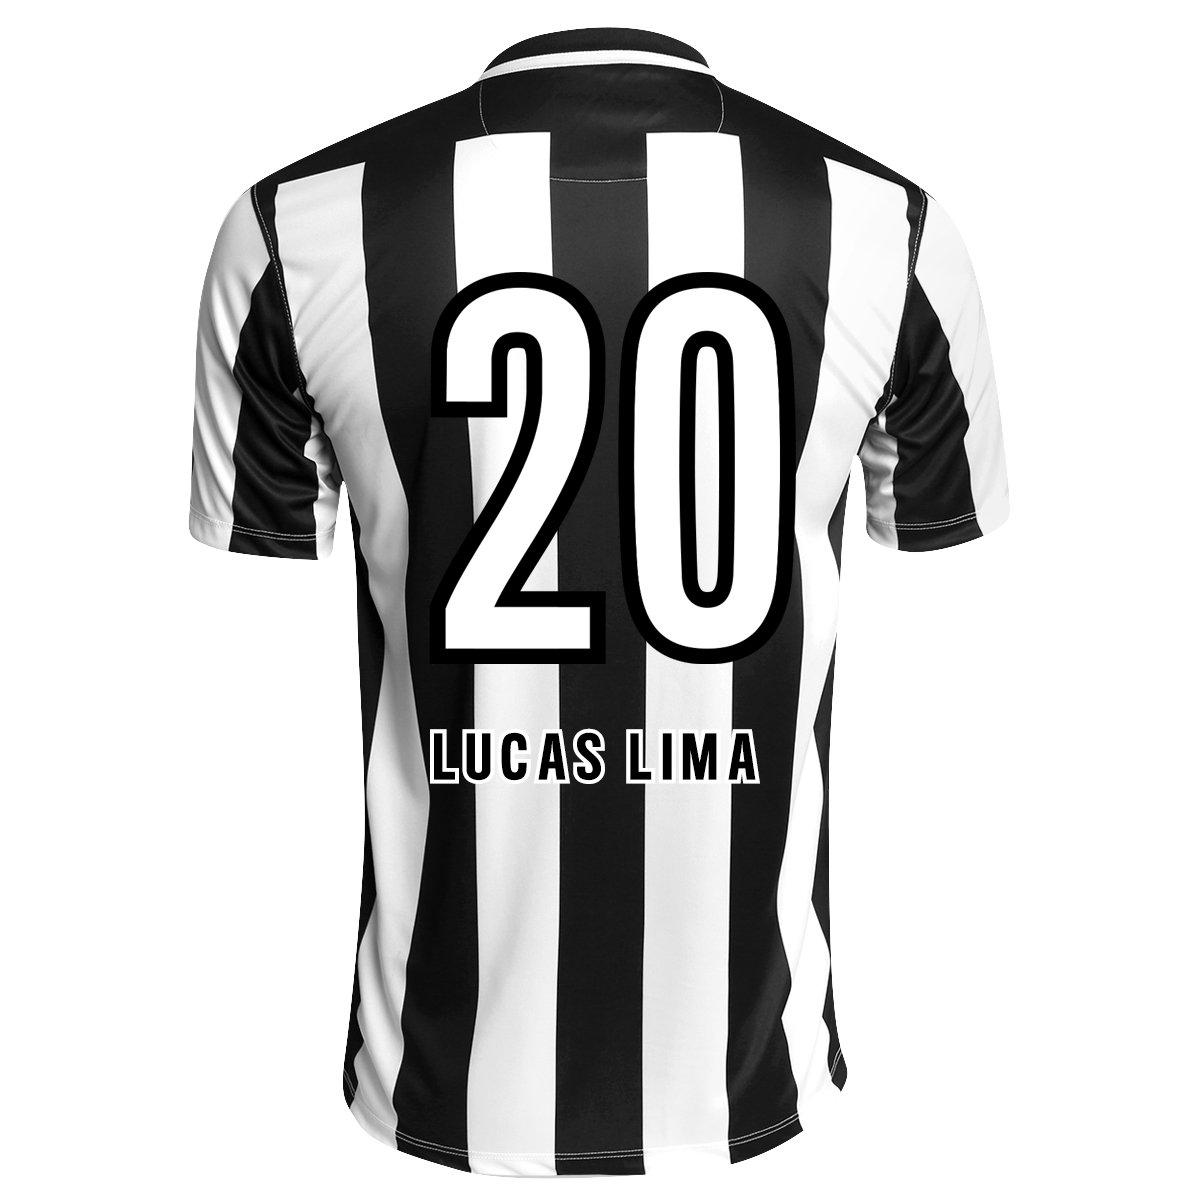 Camisa Nike Santos II 2015 nº 20 - Lucas Lima - Compre Agora  08ea72076a5ab